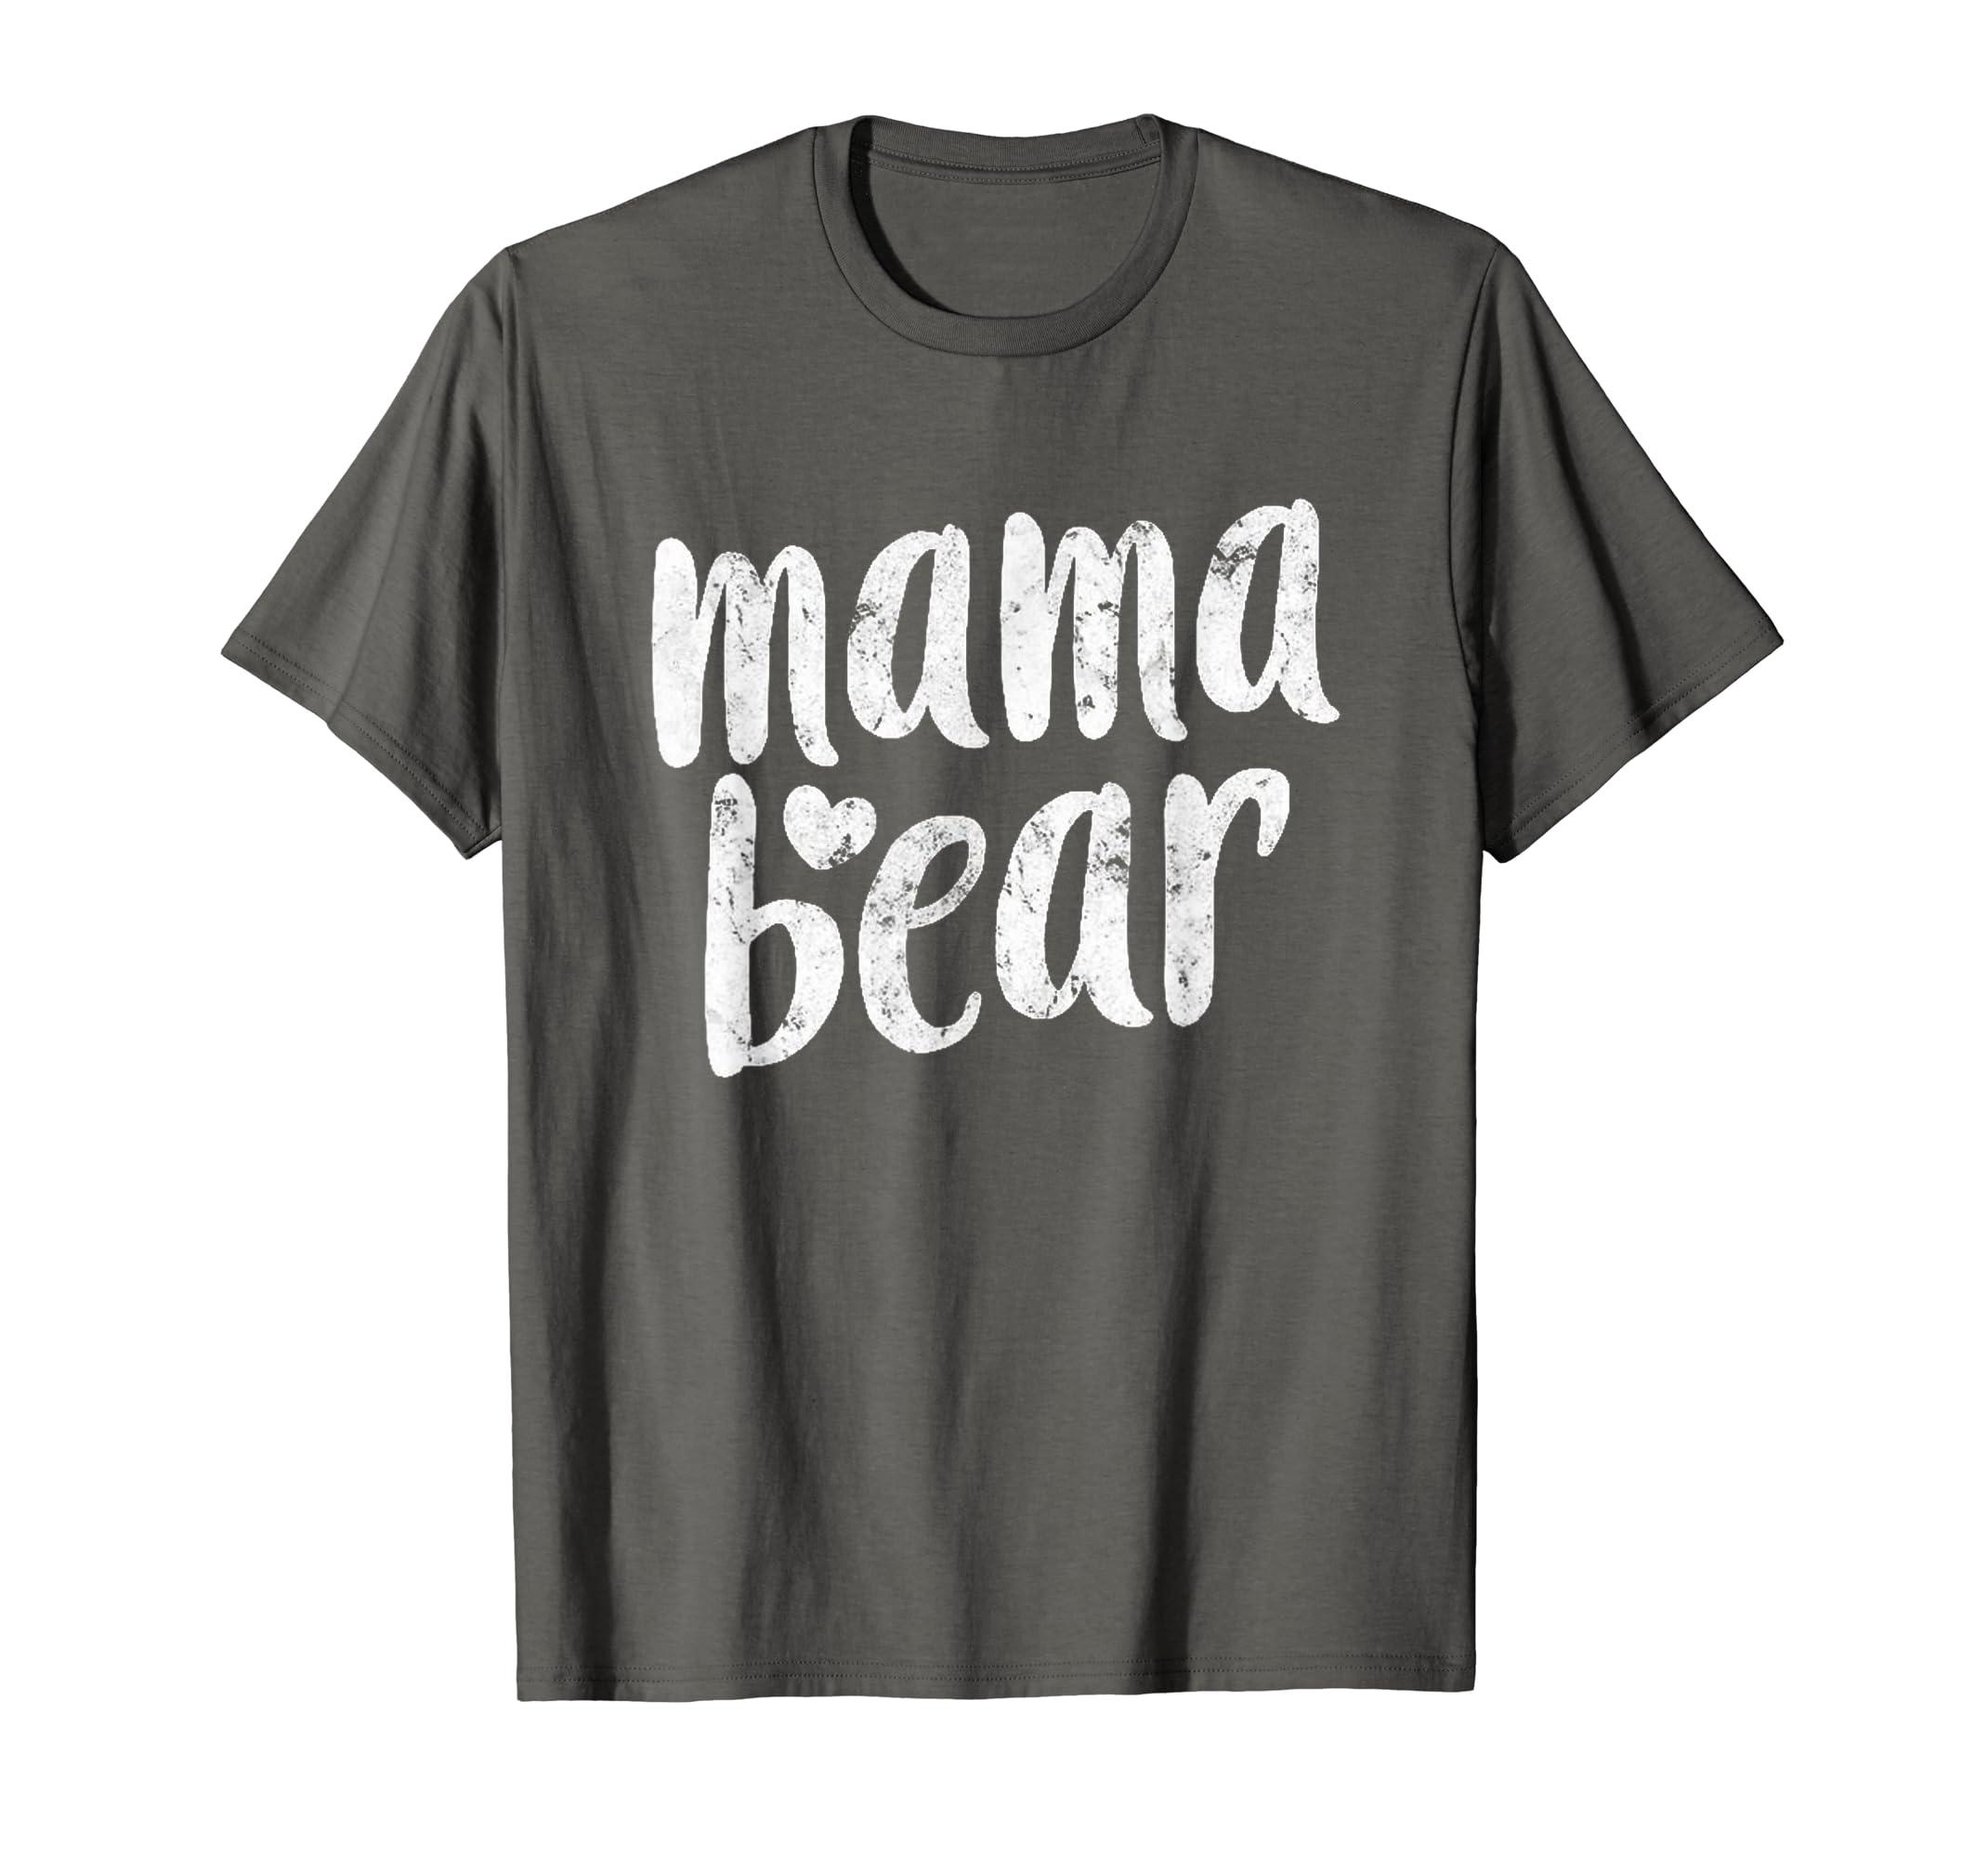 Μαύρη μαμά πίπα